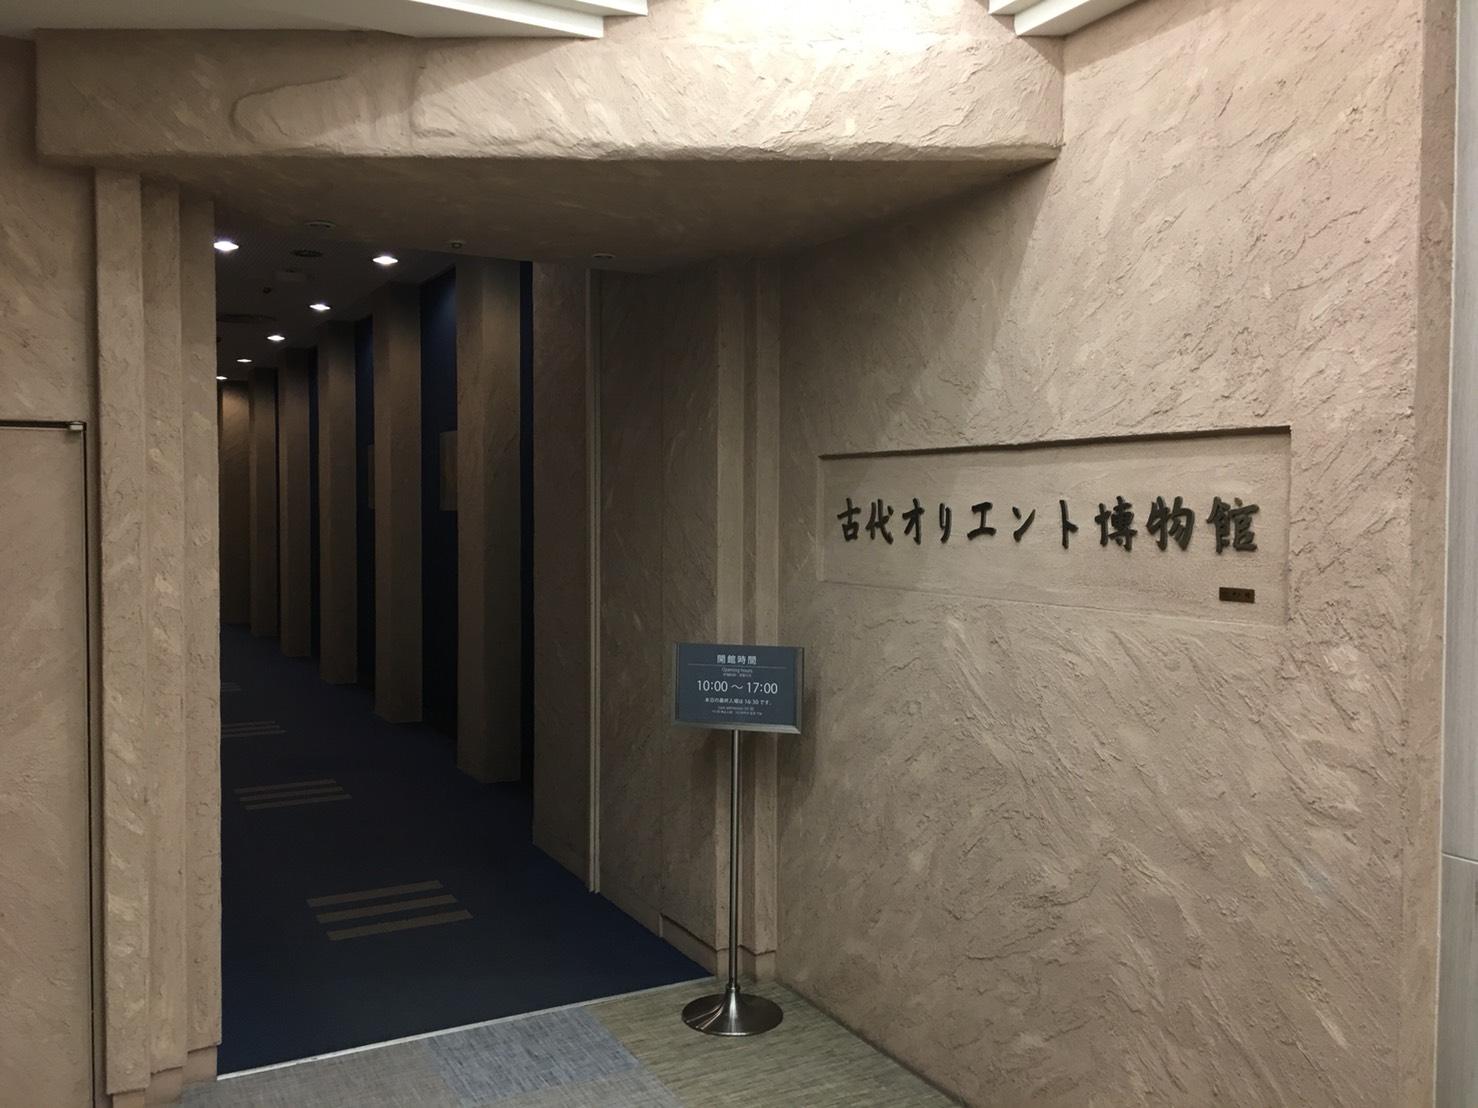 【池袋駅】池袋で古代の文明に出会える「古代オリエント博物館」の入口